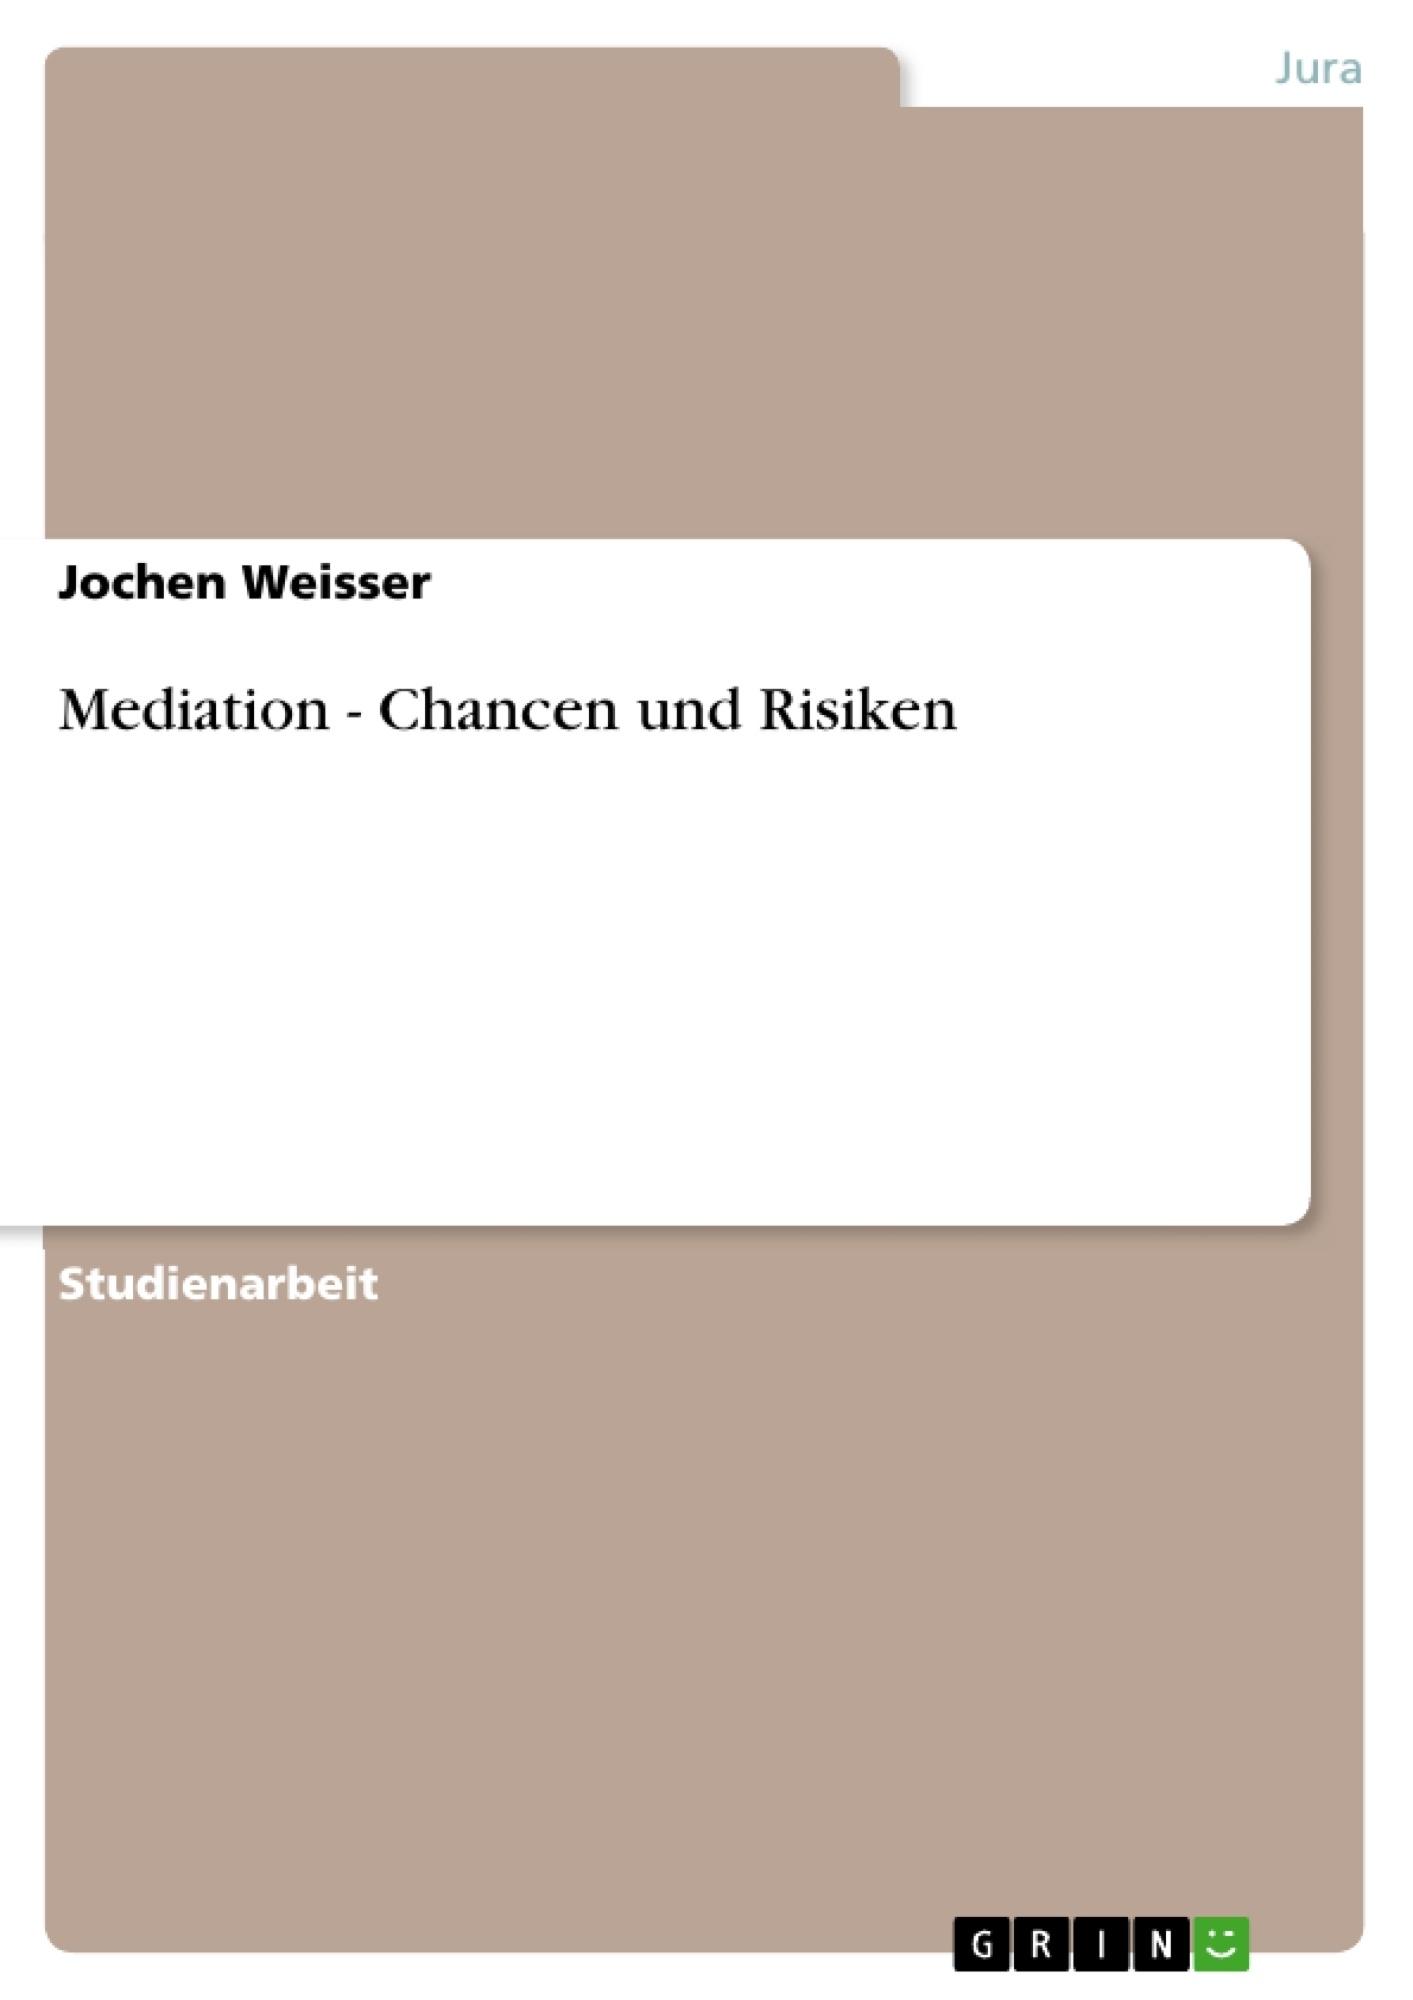 Titel: Mediation - Chancen und Risiken